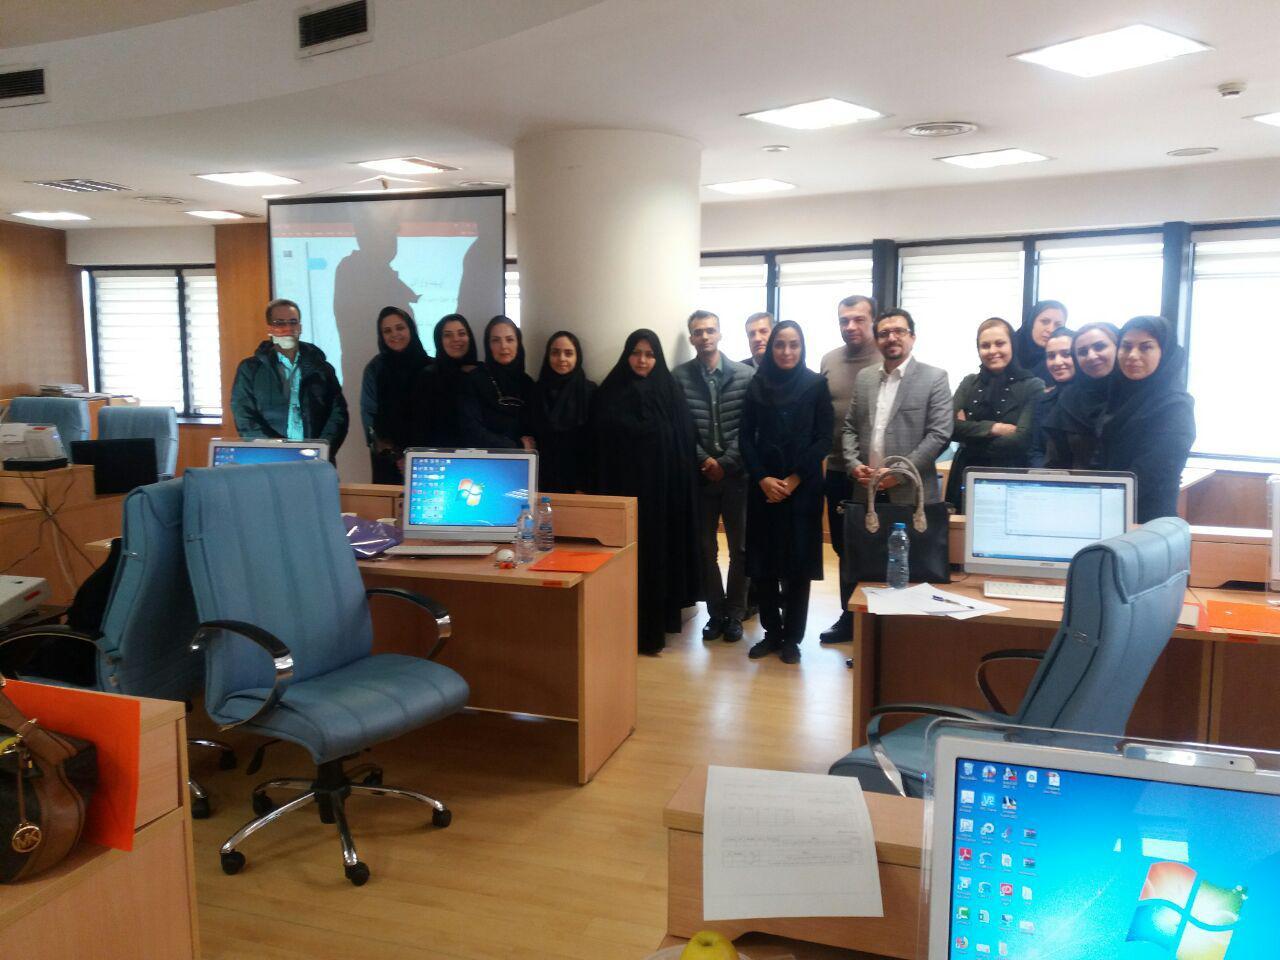 دانشگاه علوم پزشکی ایران دوره تولید محتوای الکترونیکی